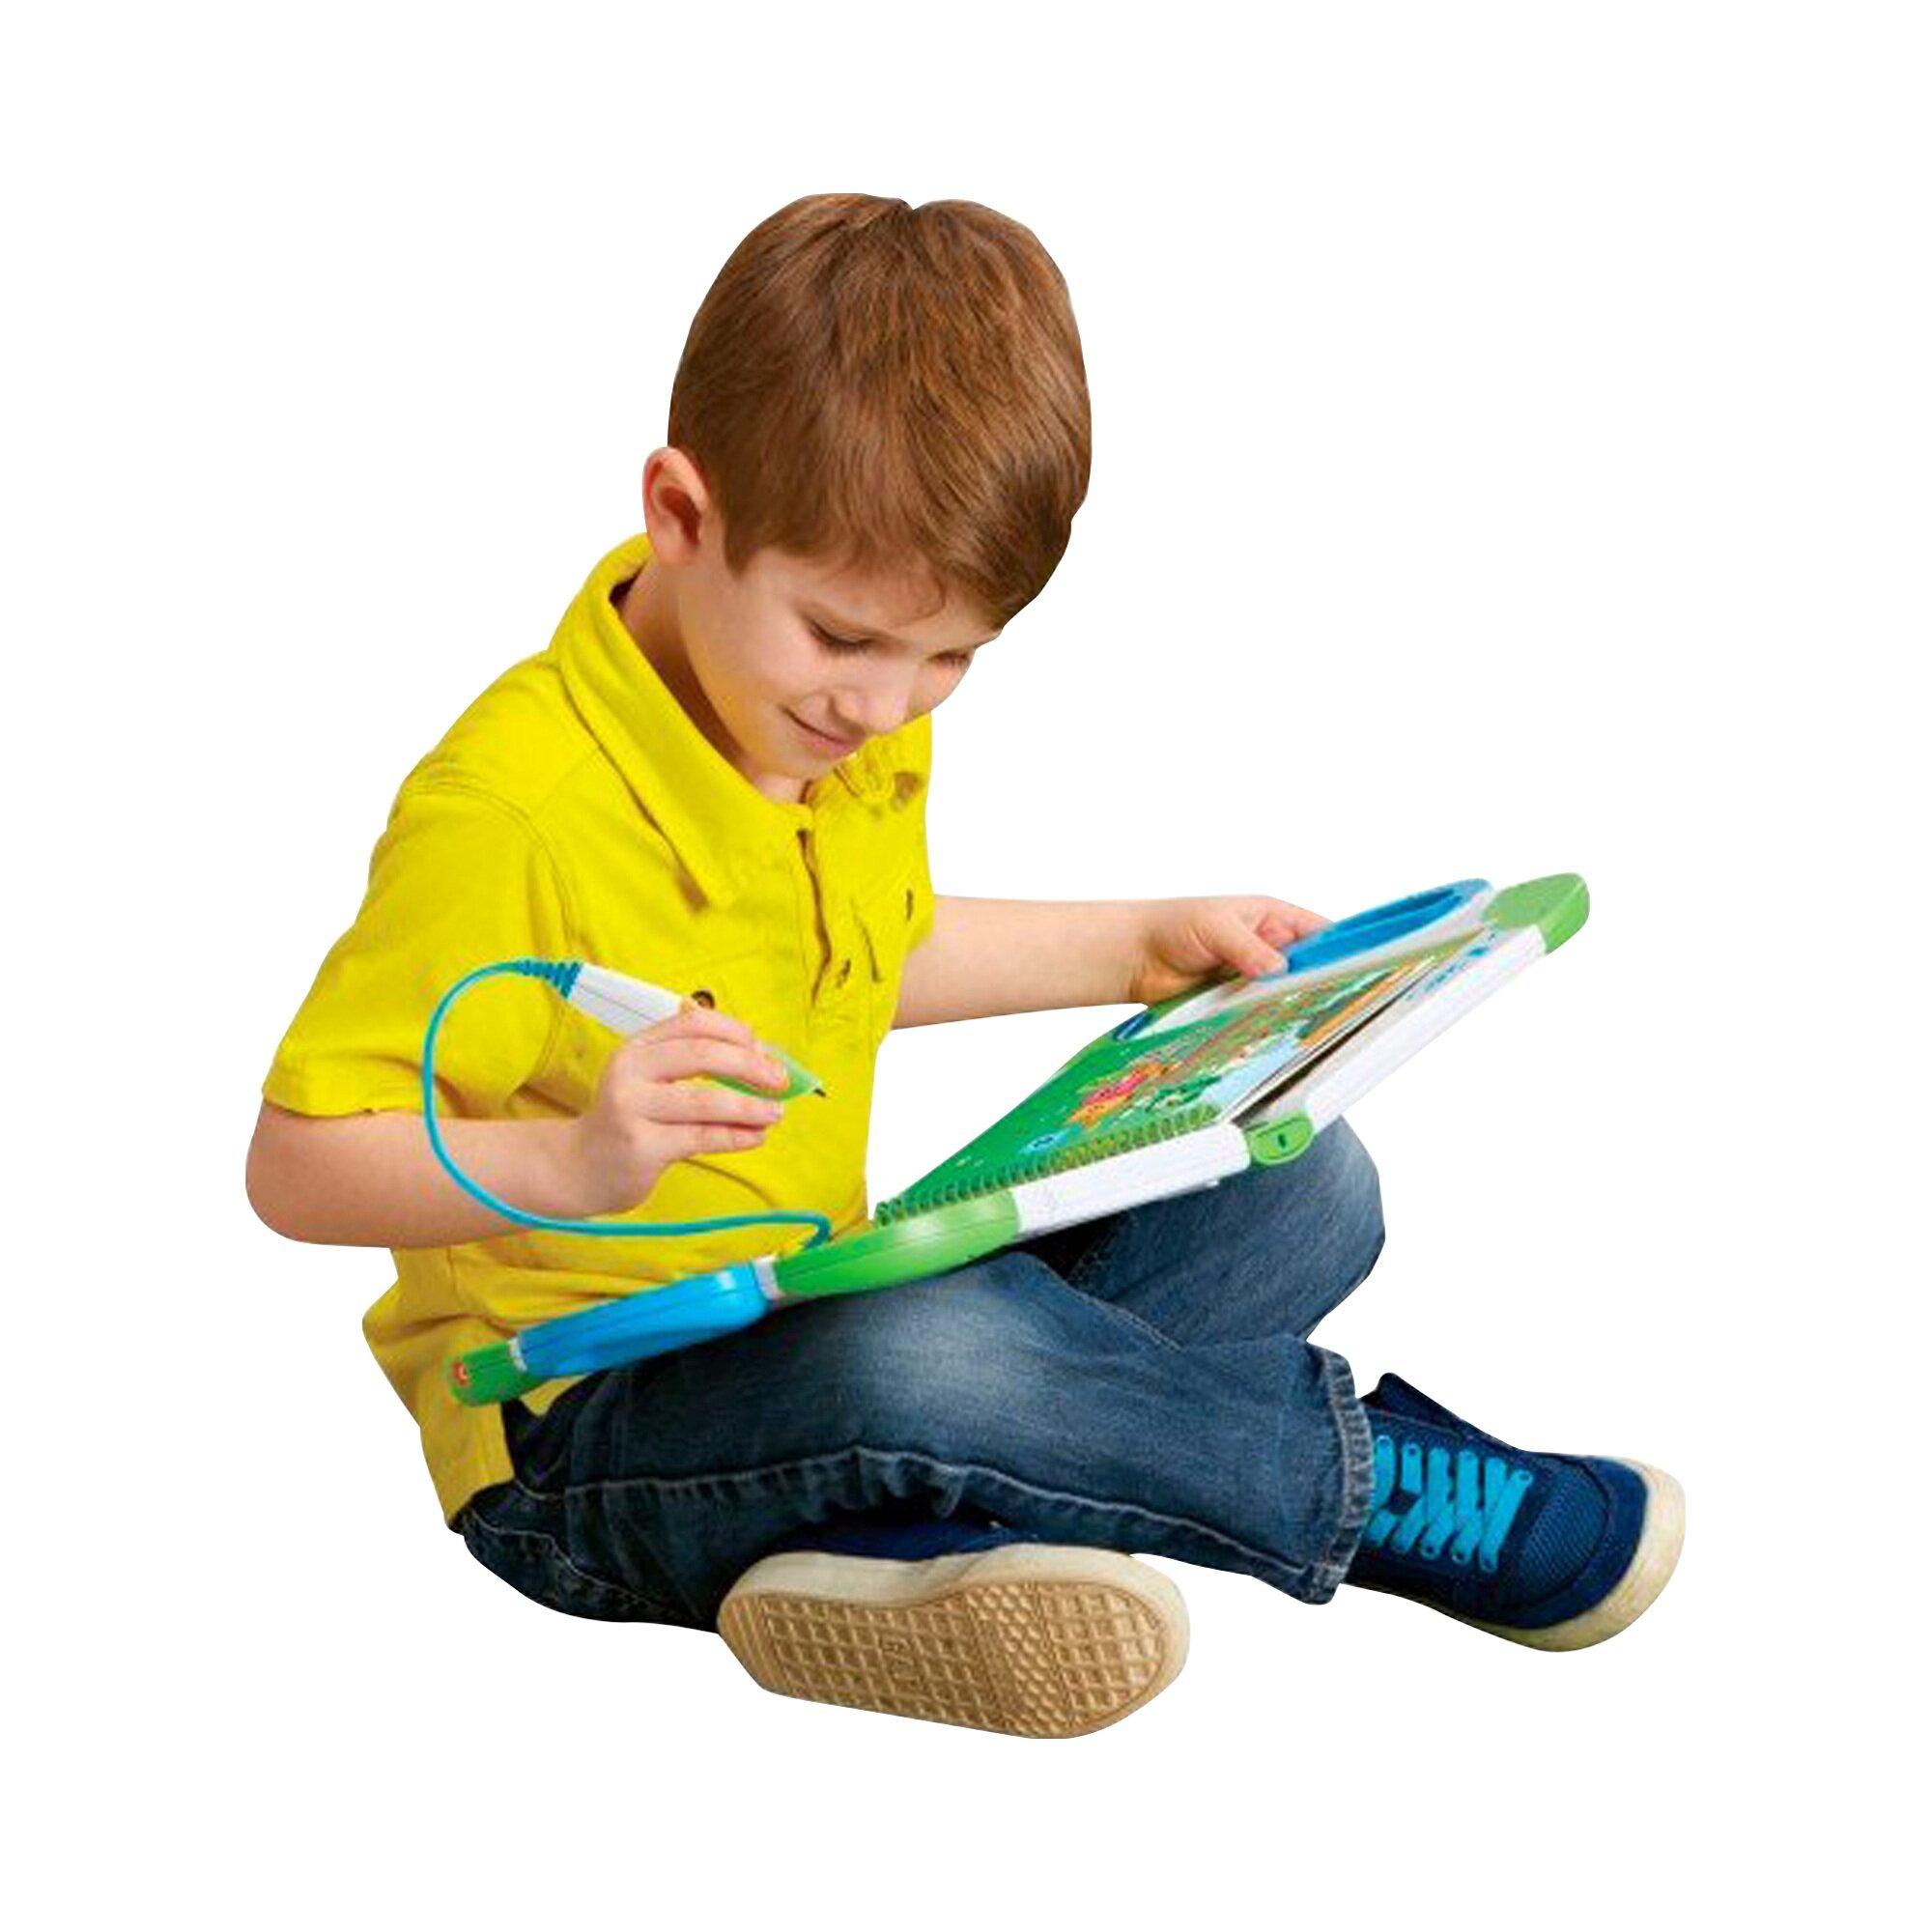 magibook-lernspielbuch-lernstufe-1-tagesablaufe